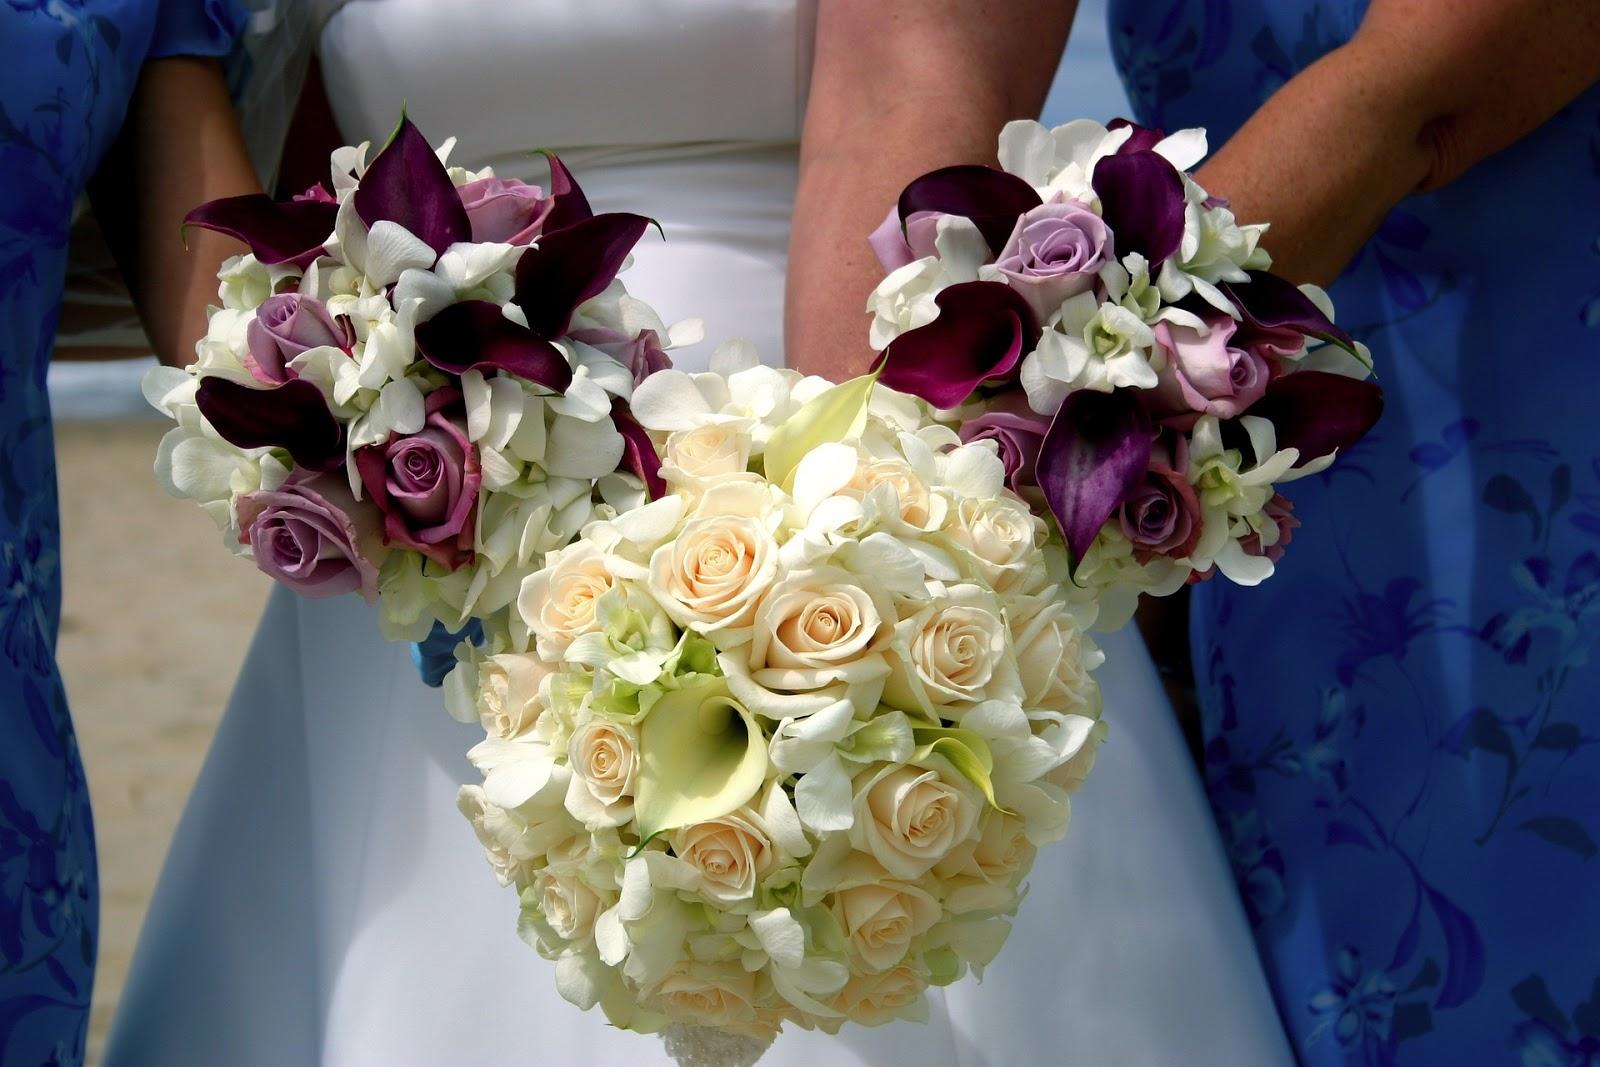 życzenia ślubne Oryginalne Wiersze ślubne